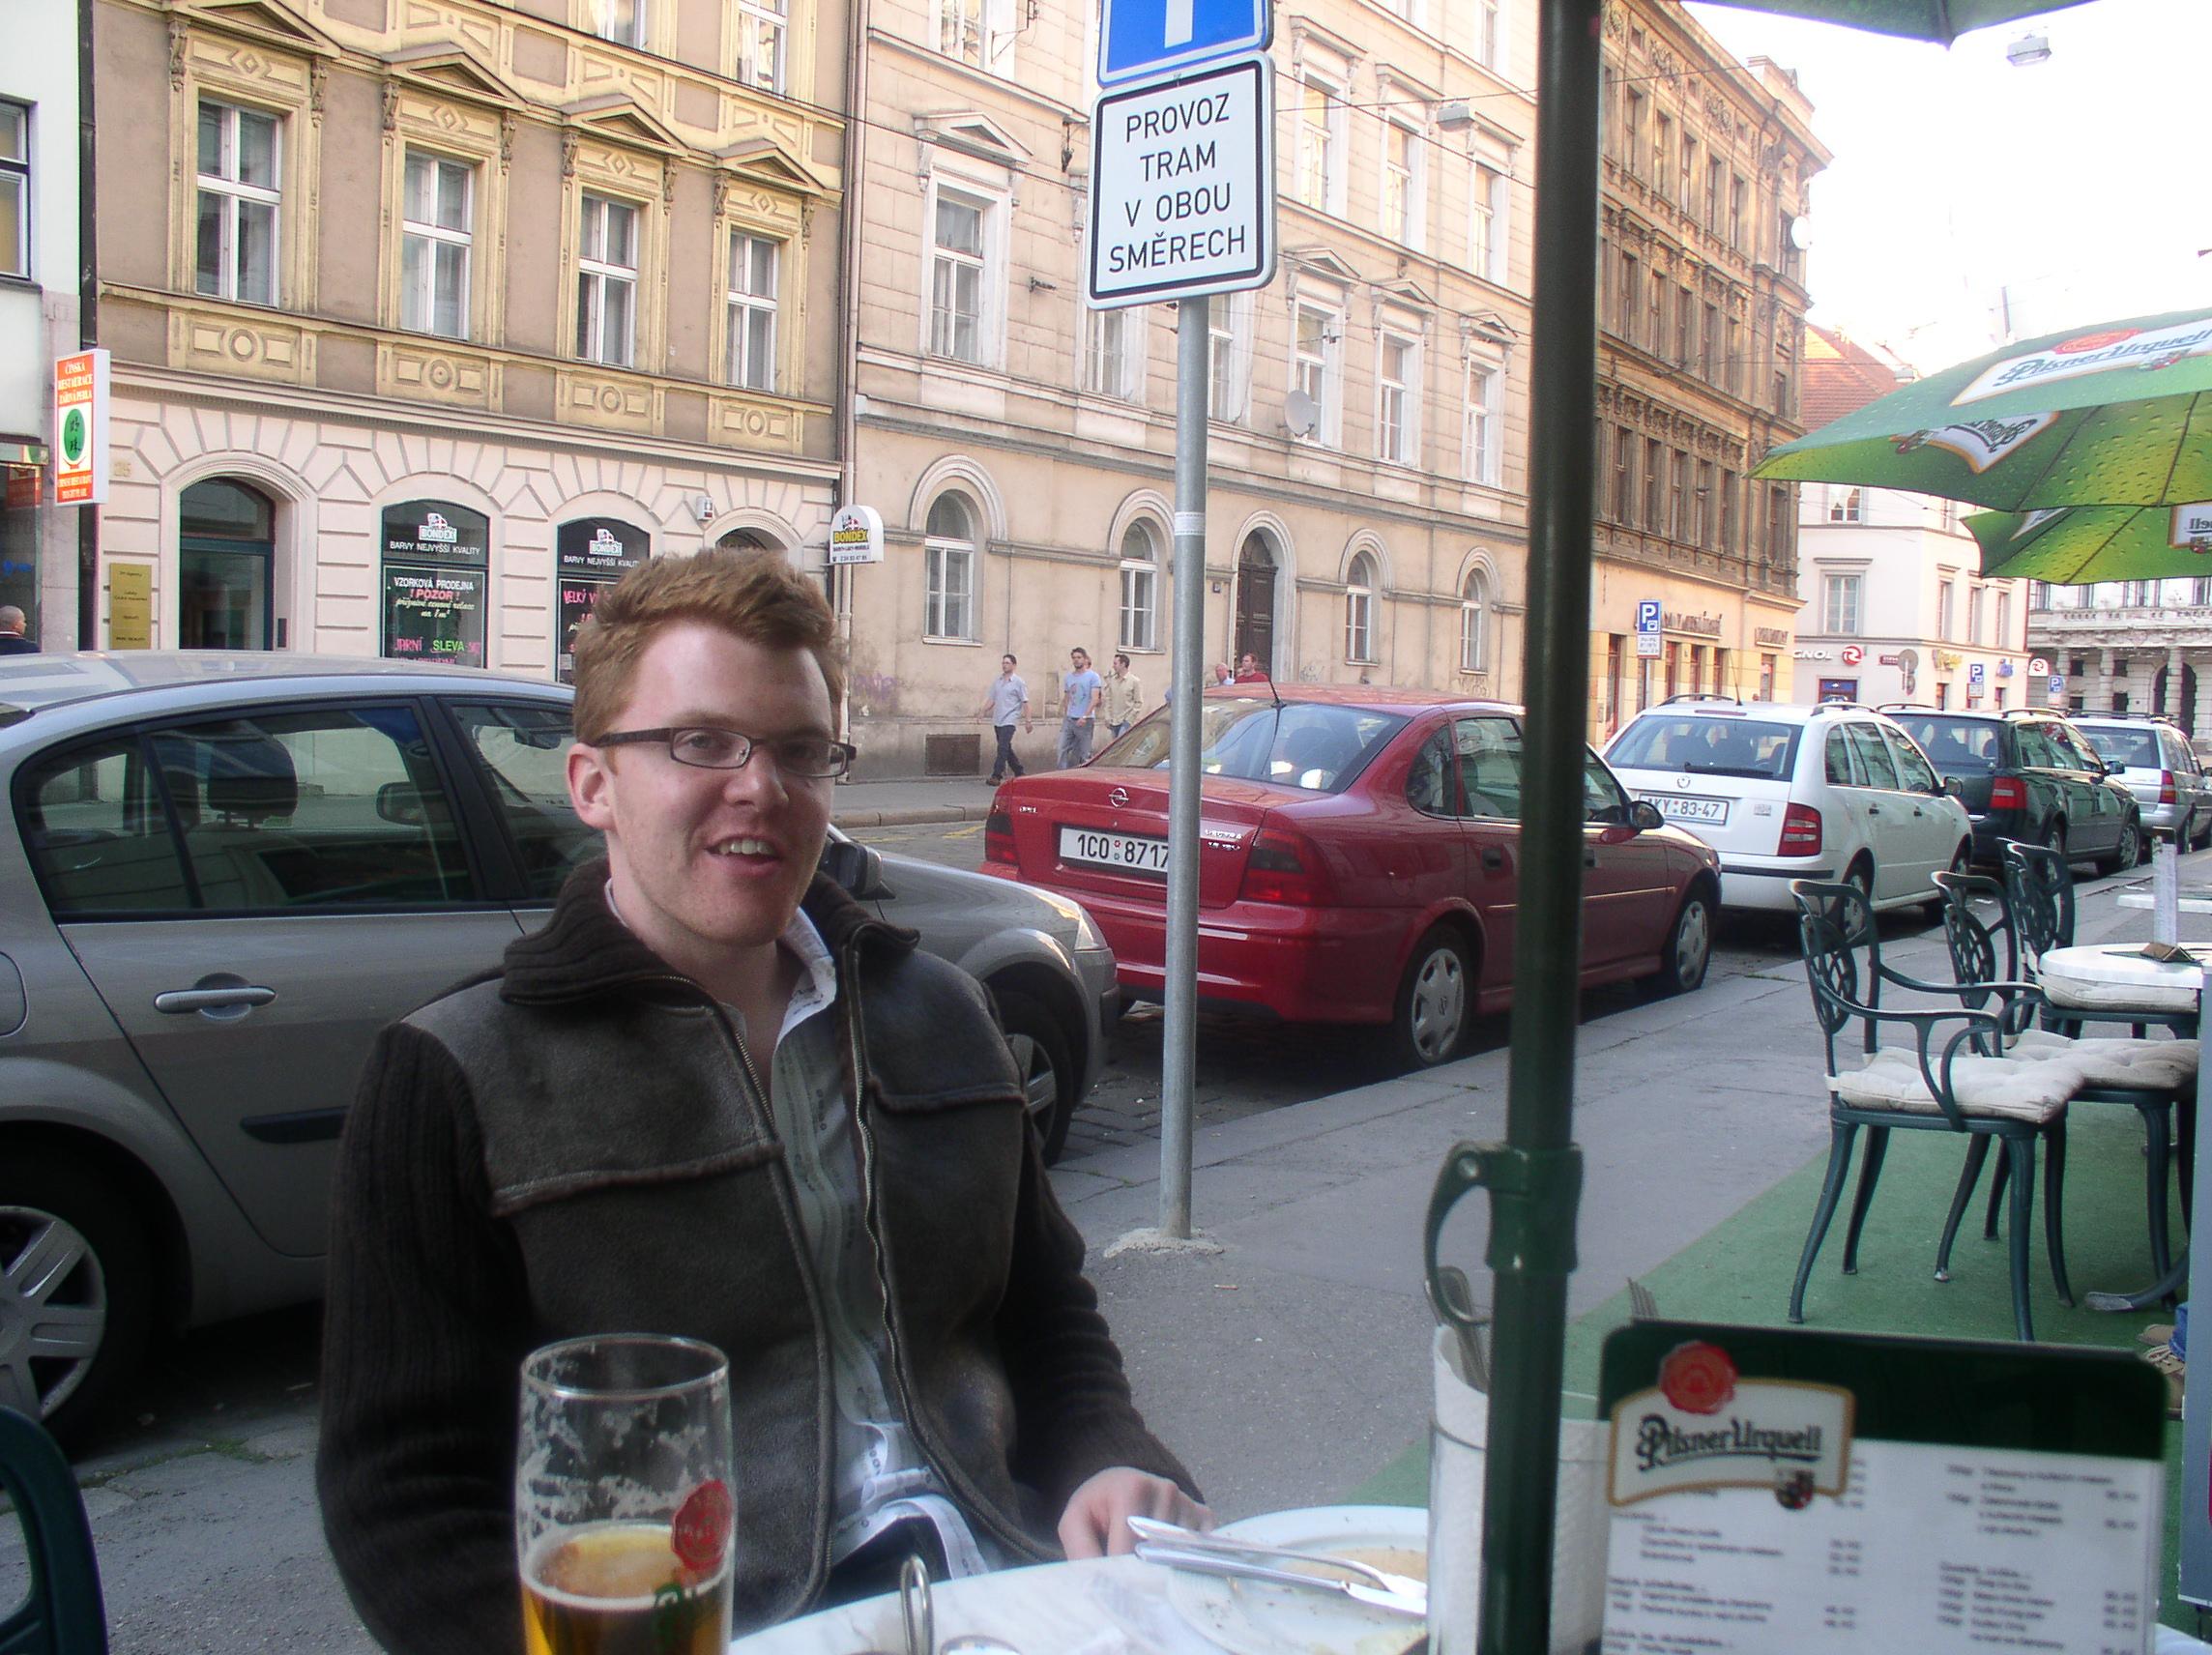 Ed Shearer in Prague